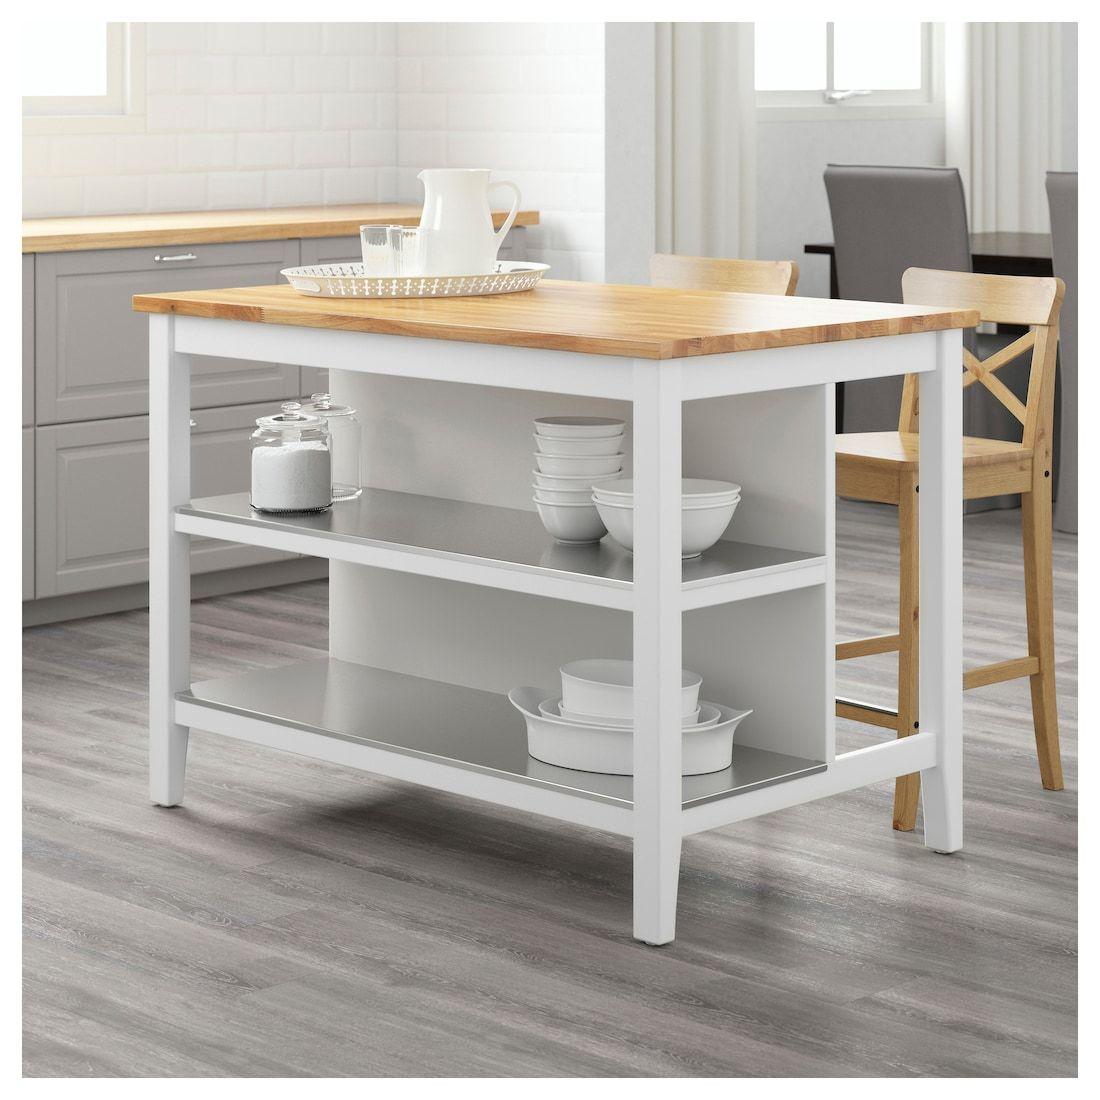 Full Size of Ikea Sofa Mit Schlaffunktion Küche Kosten Modulküche Miniküche Betten Bei 160x200 Kaufen Wohnzimmer Kücheninsel Ikea